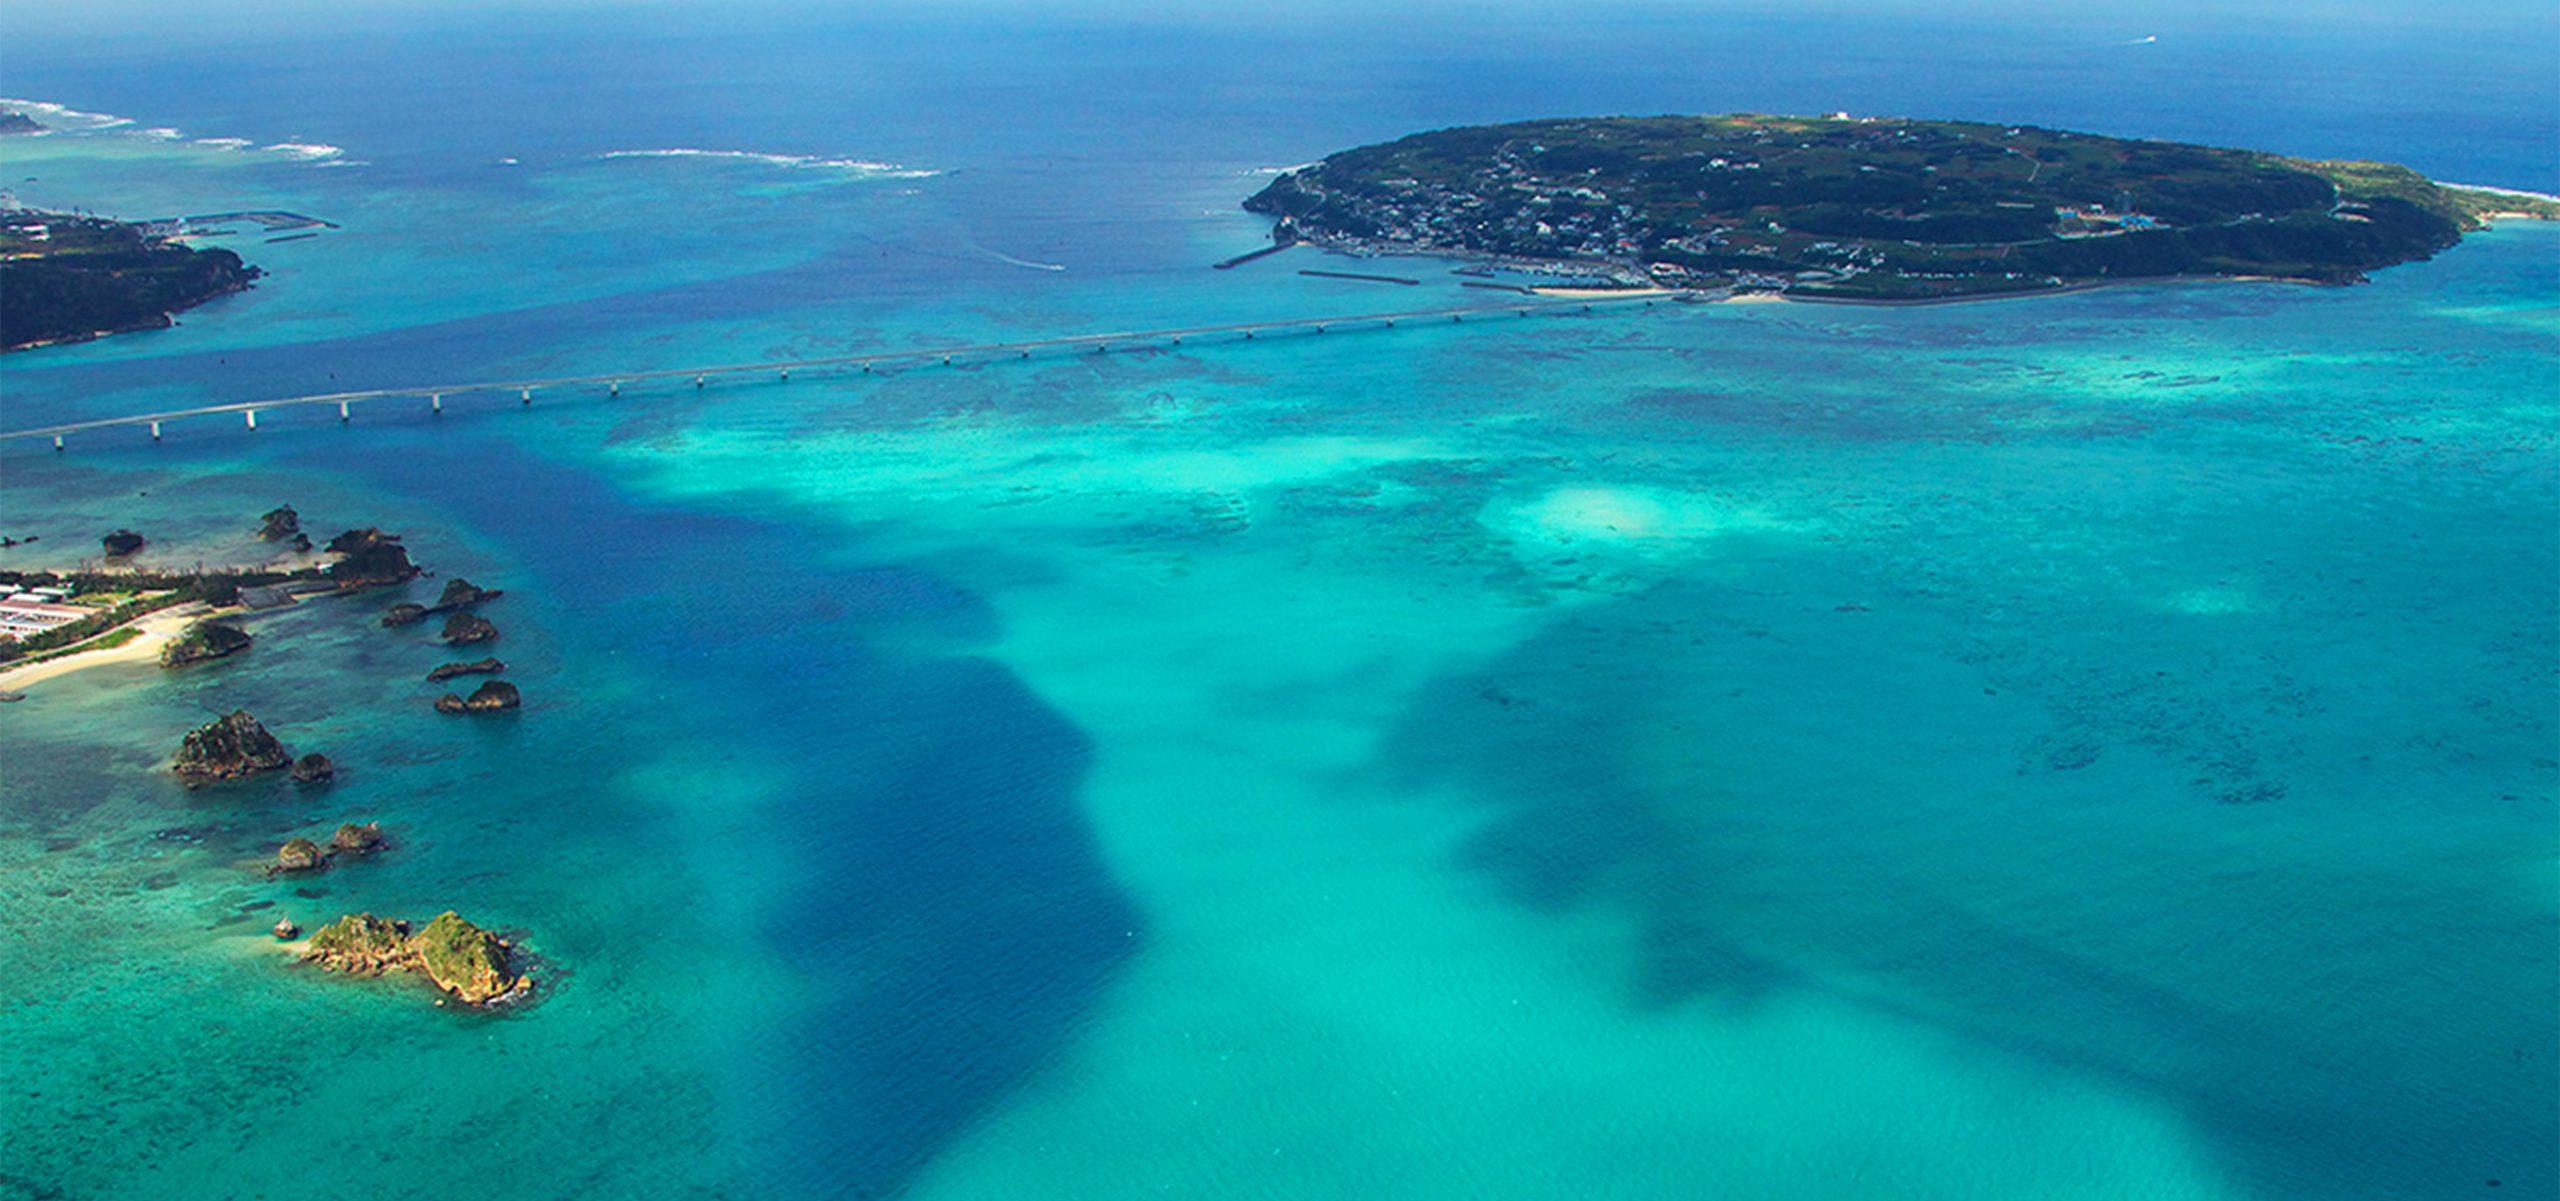 Okinawa_Okinawa Island